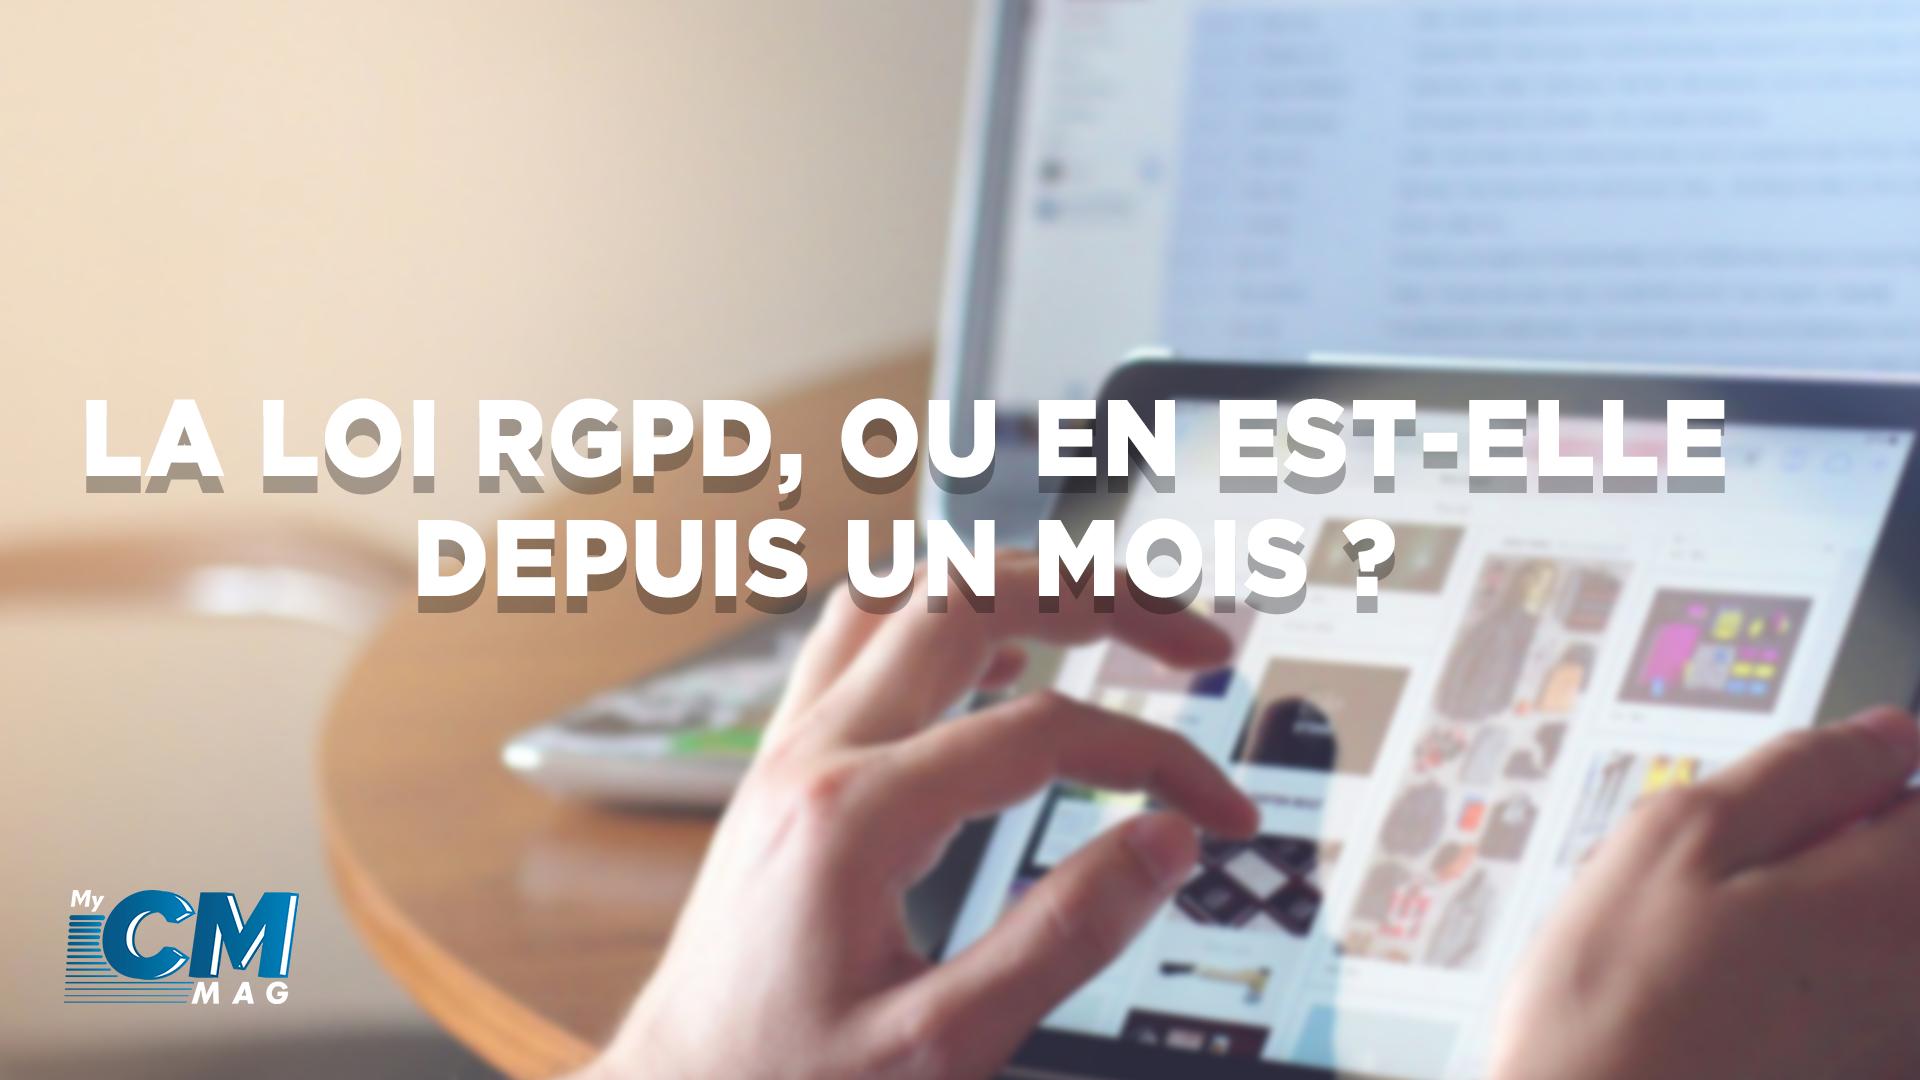 La loi RGPD, où en est-elle depuis 1 mois ?